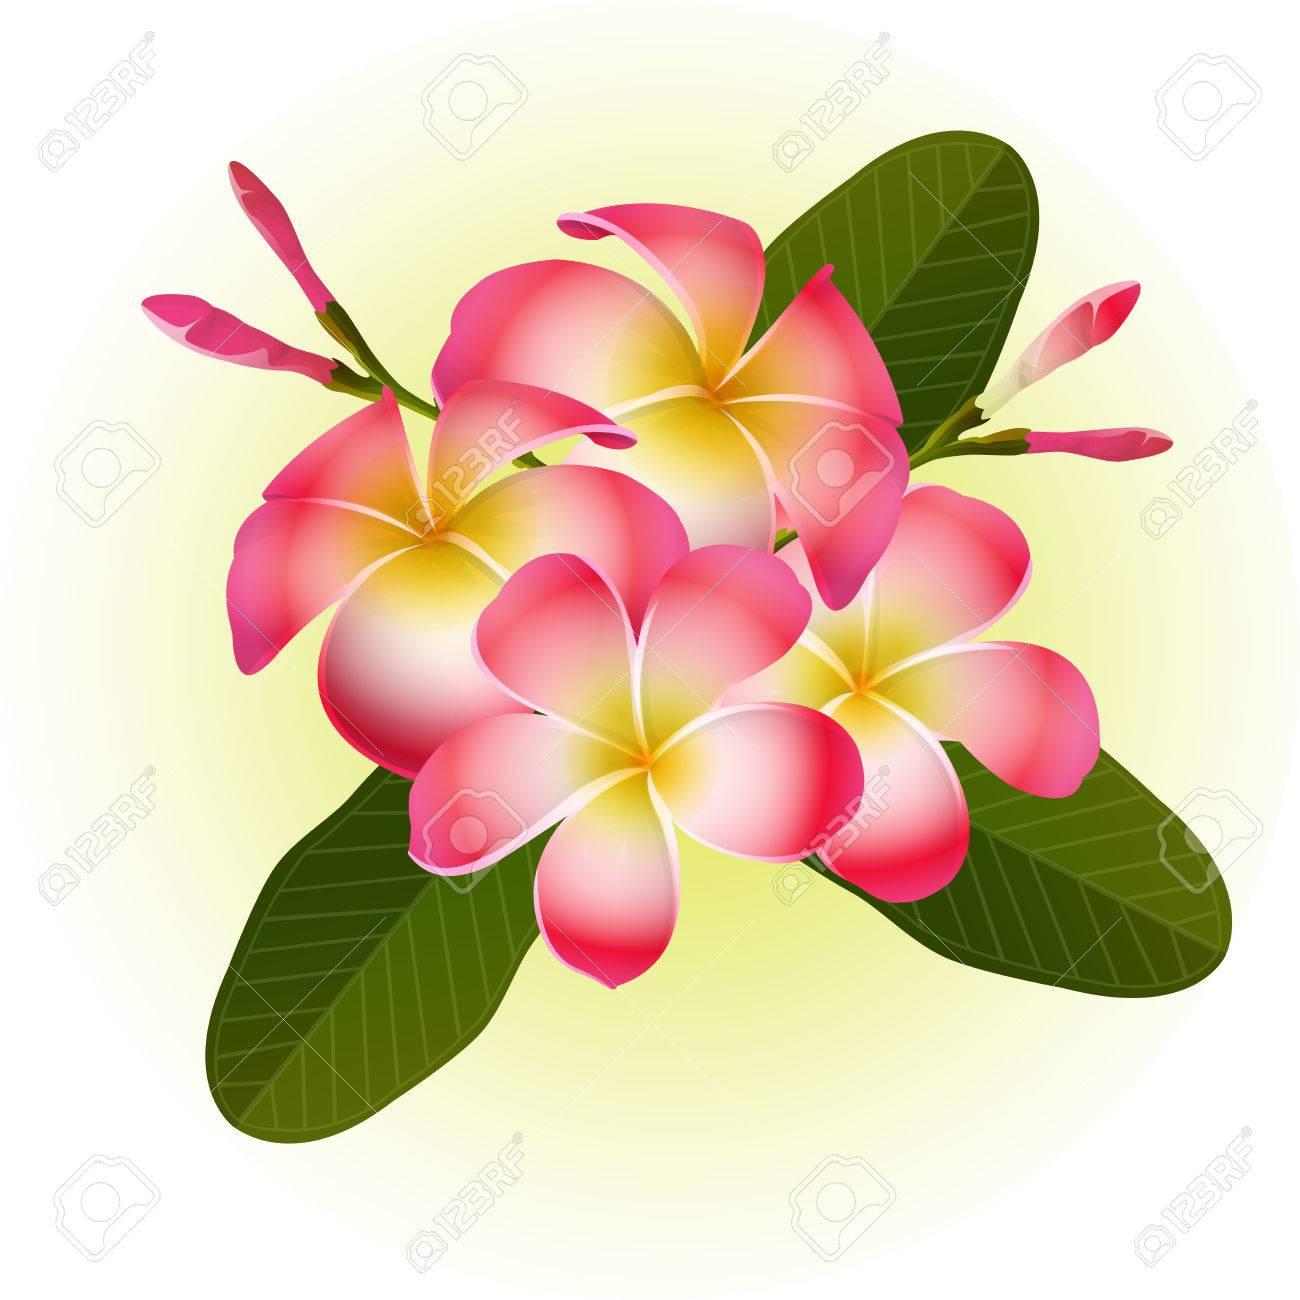 赤いフランジパニ プルメリア南国の花イラストのイラスト素材 ベクタ Image